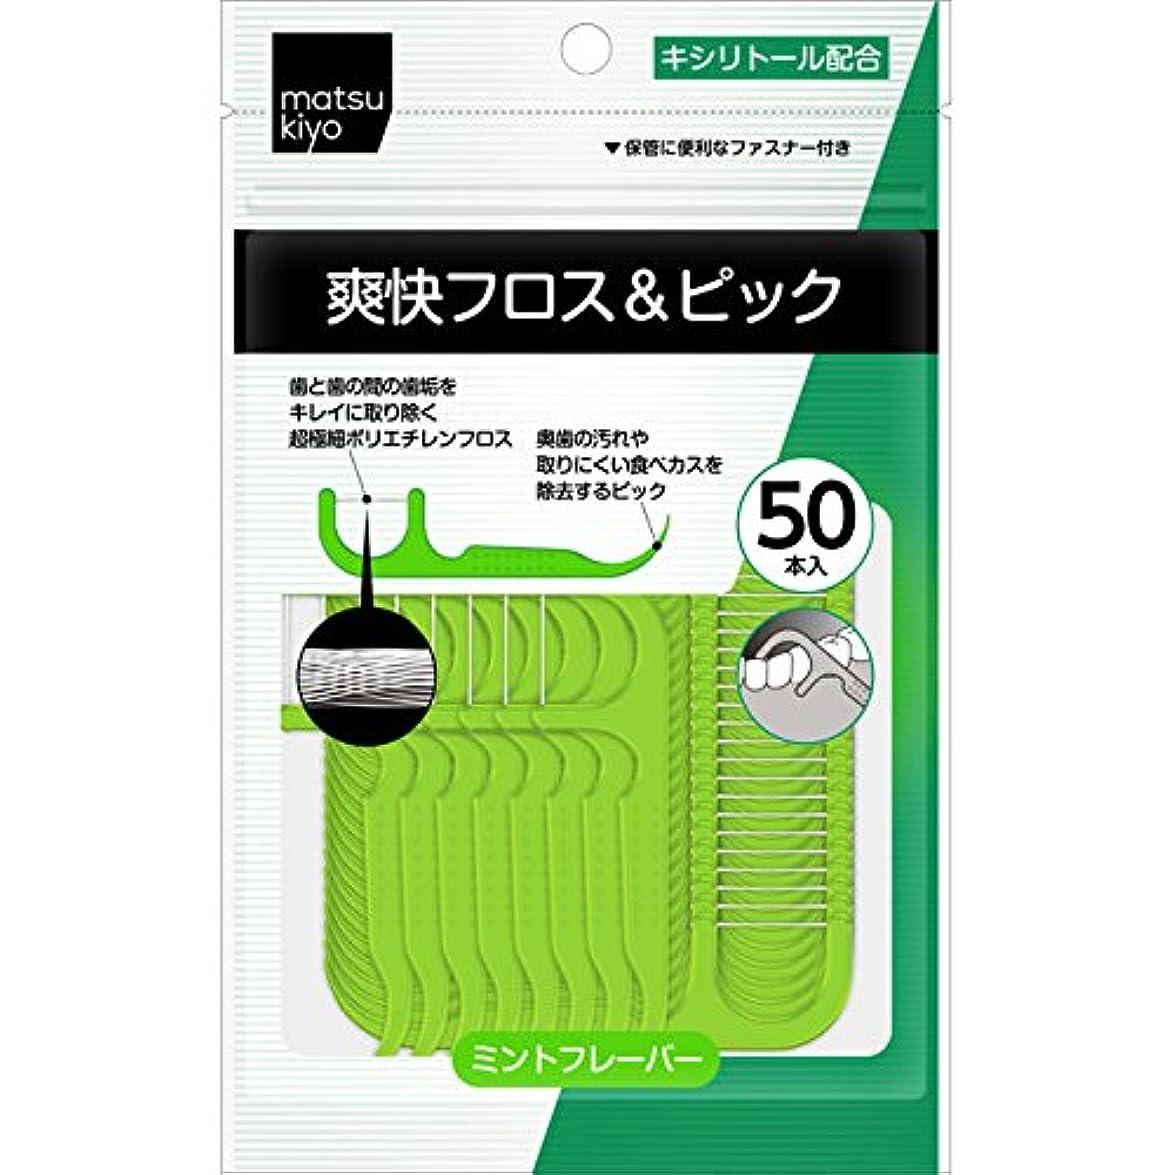 レンドトロイの木馬債務者matsukiyo 爽快フロス&ピック 50本